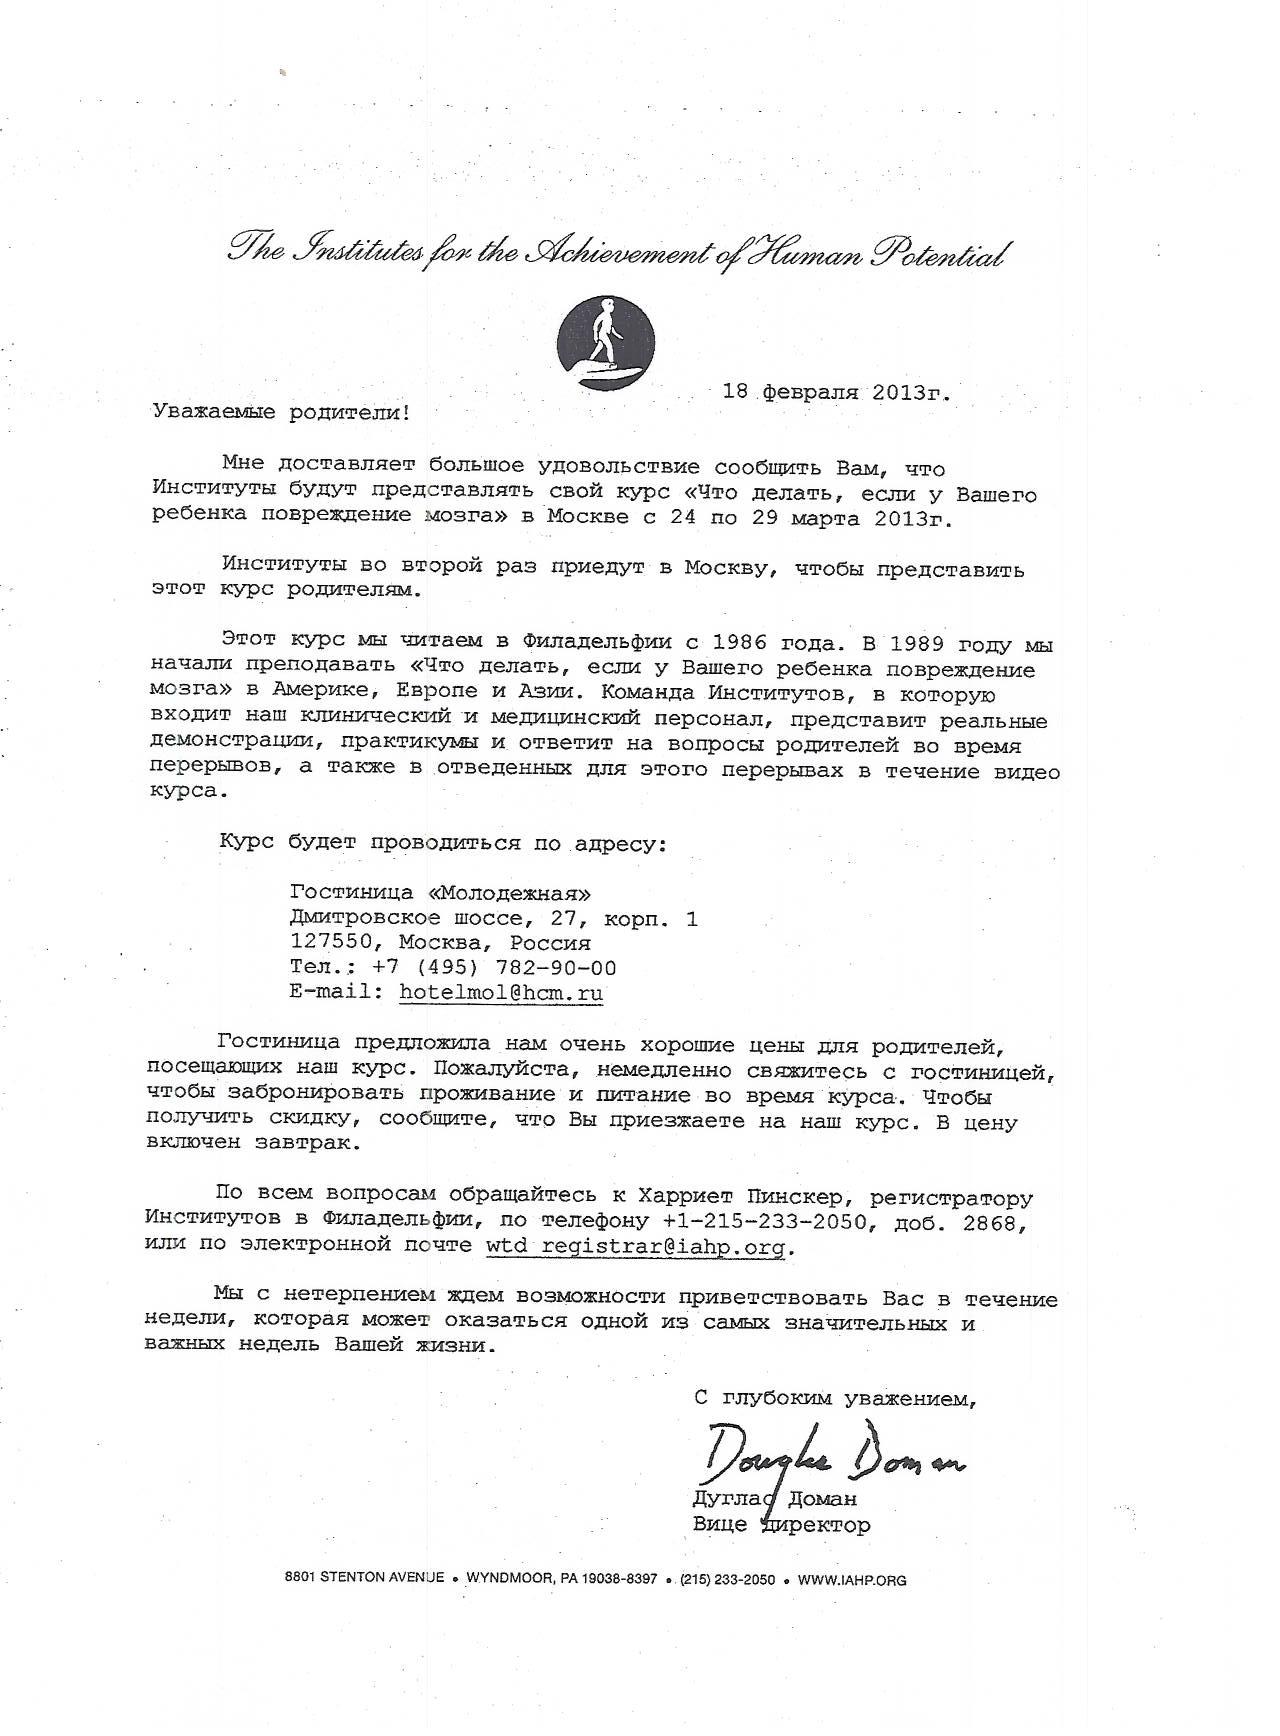 Письмо из Институтов достижения потенциала человека